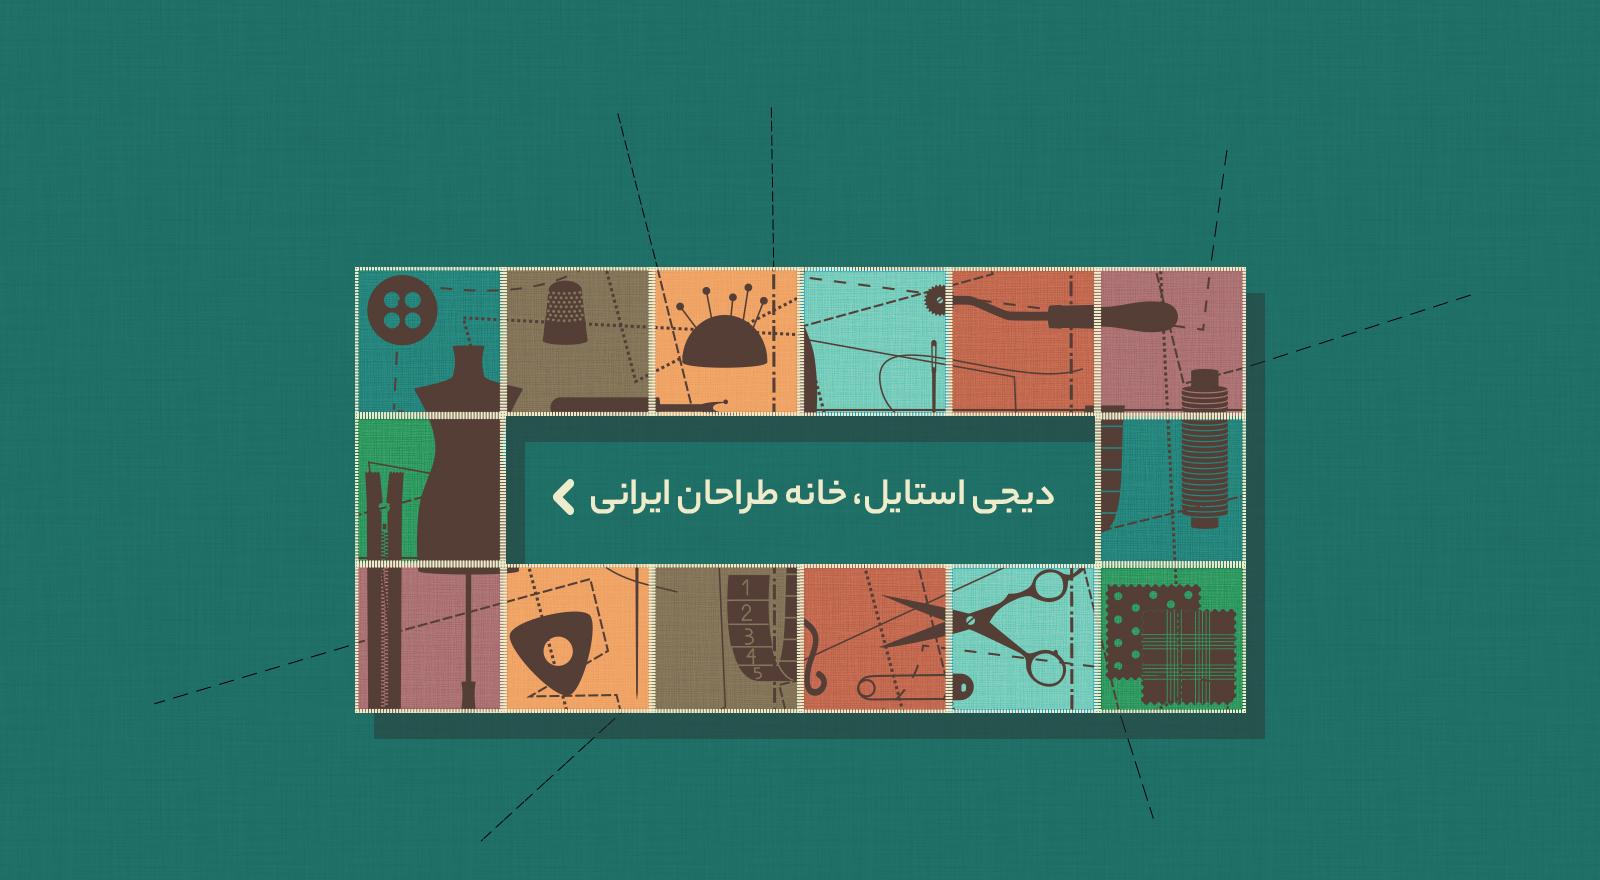 خانه طراحان ایرانی